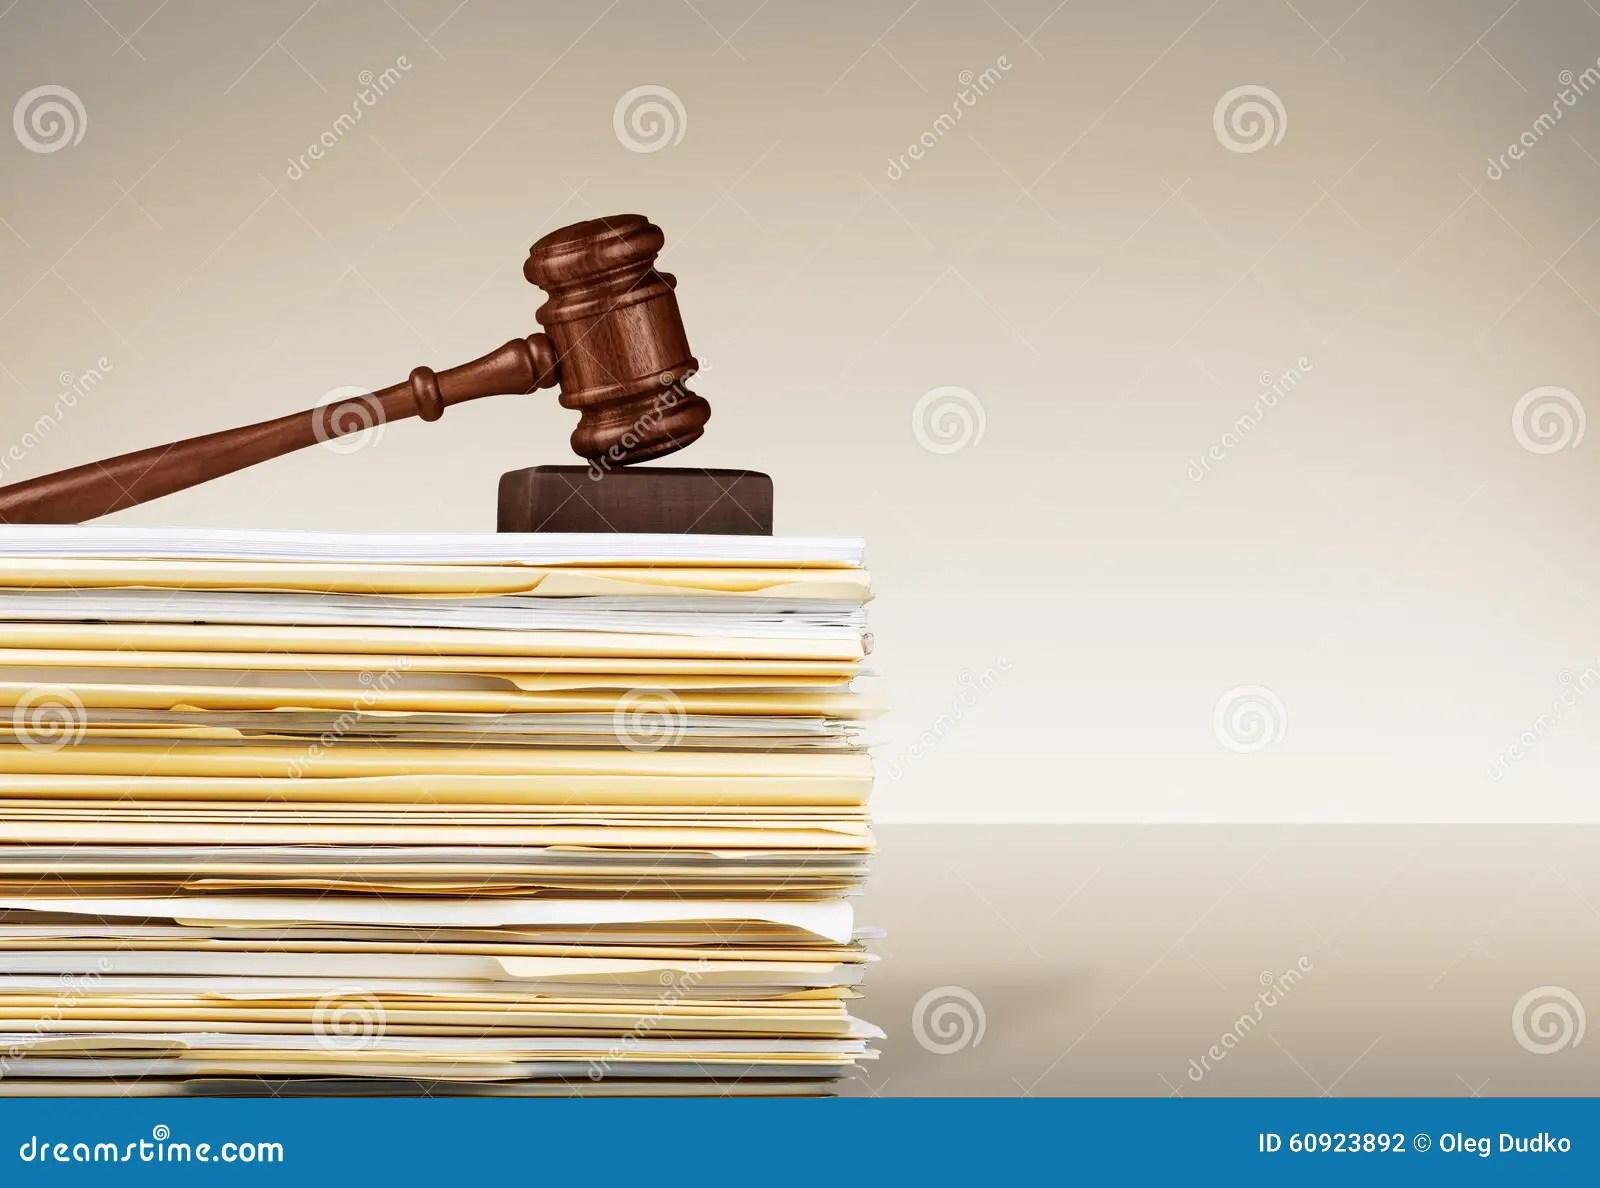 Legislation Documents Stock Photo  Image 60923892